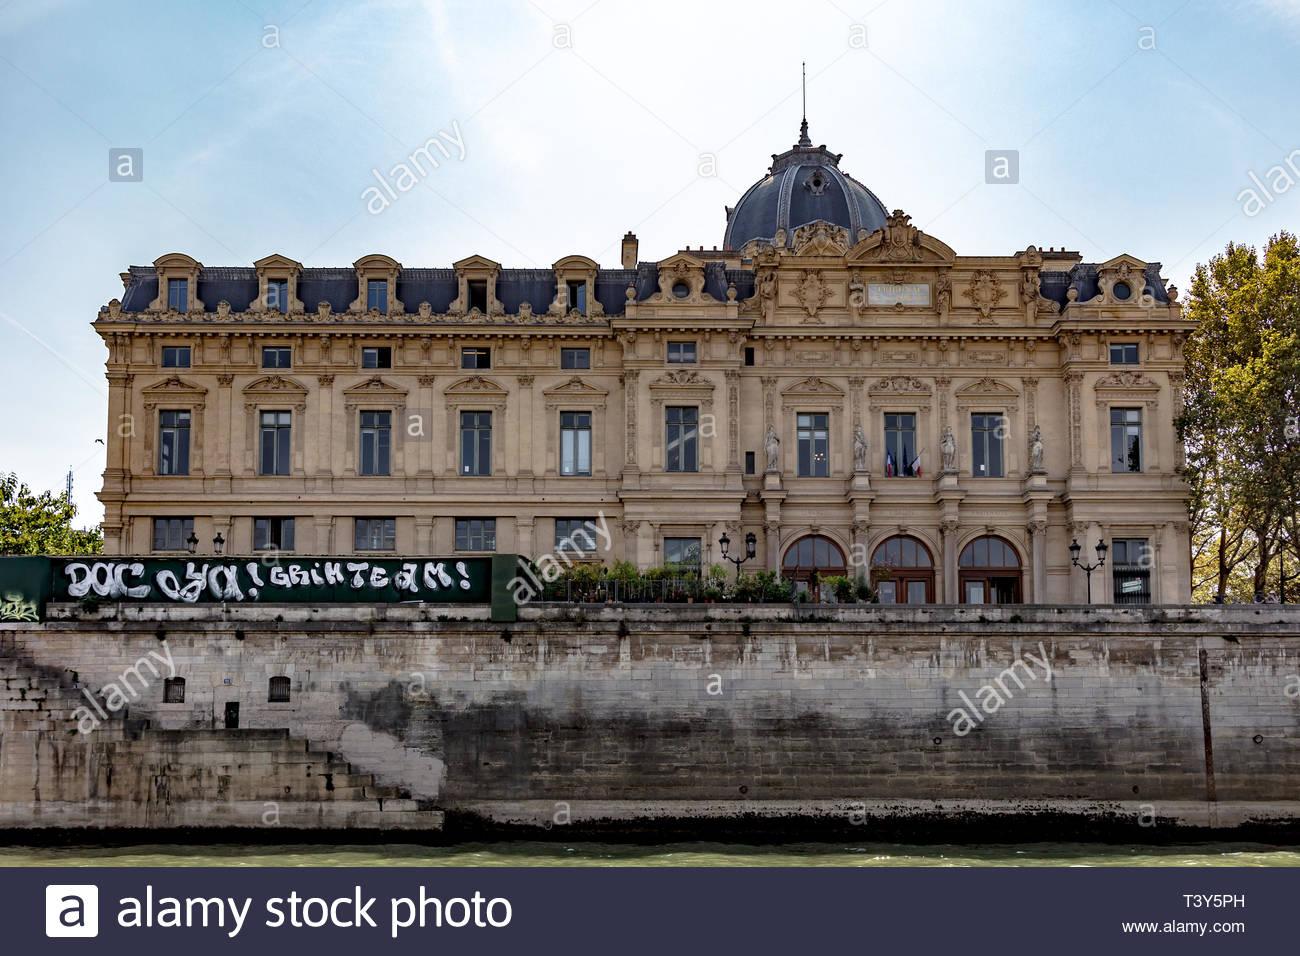 The Commercial Court, from the Seine. August 28, 2018, Paris, France. Le Tribunal de Commerce, depuis la Seine. 28 août 2018, Paris, France. - Stock Image